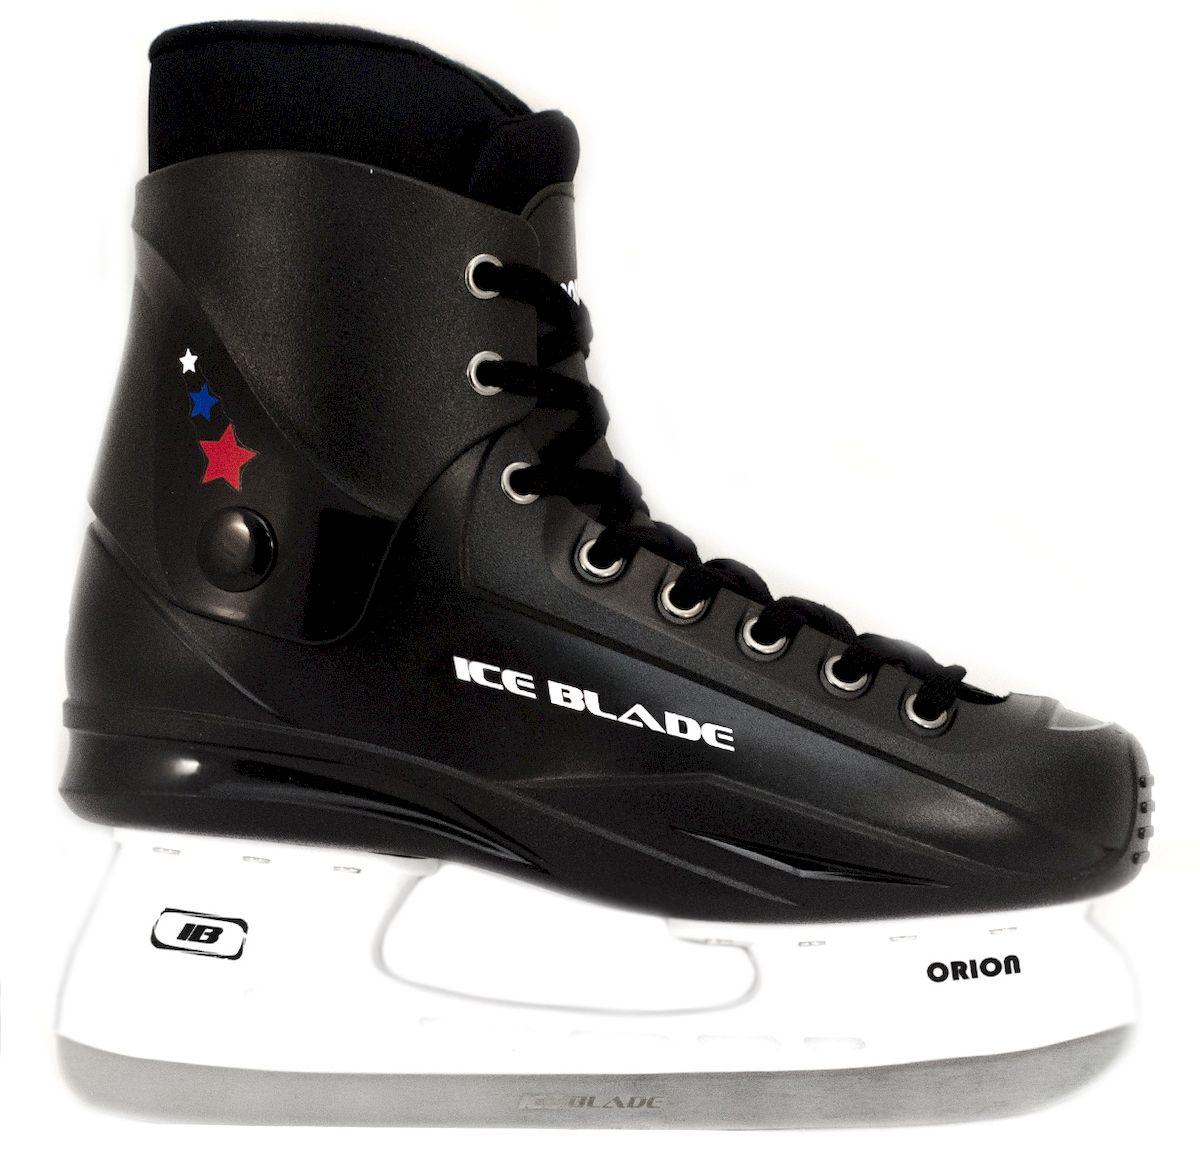 Коньки хоккейные Ice Blade Orion, цвет: черный. УТ-00004984. Размер 41